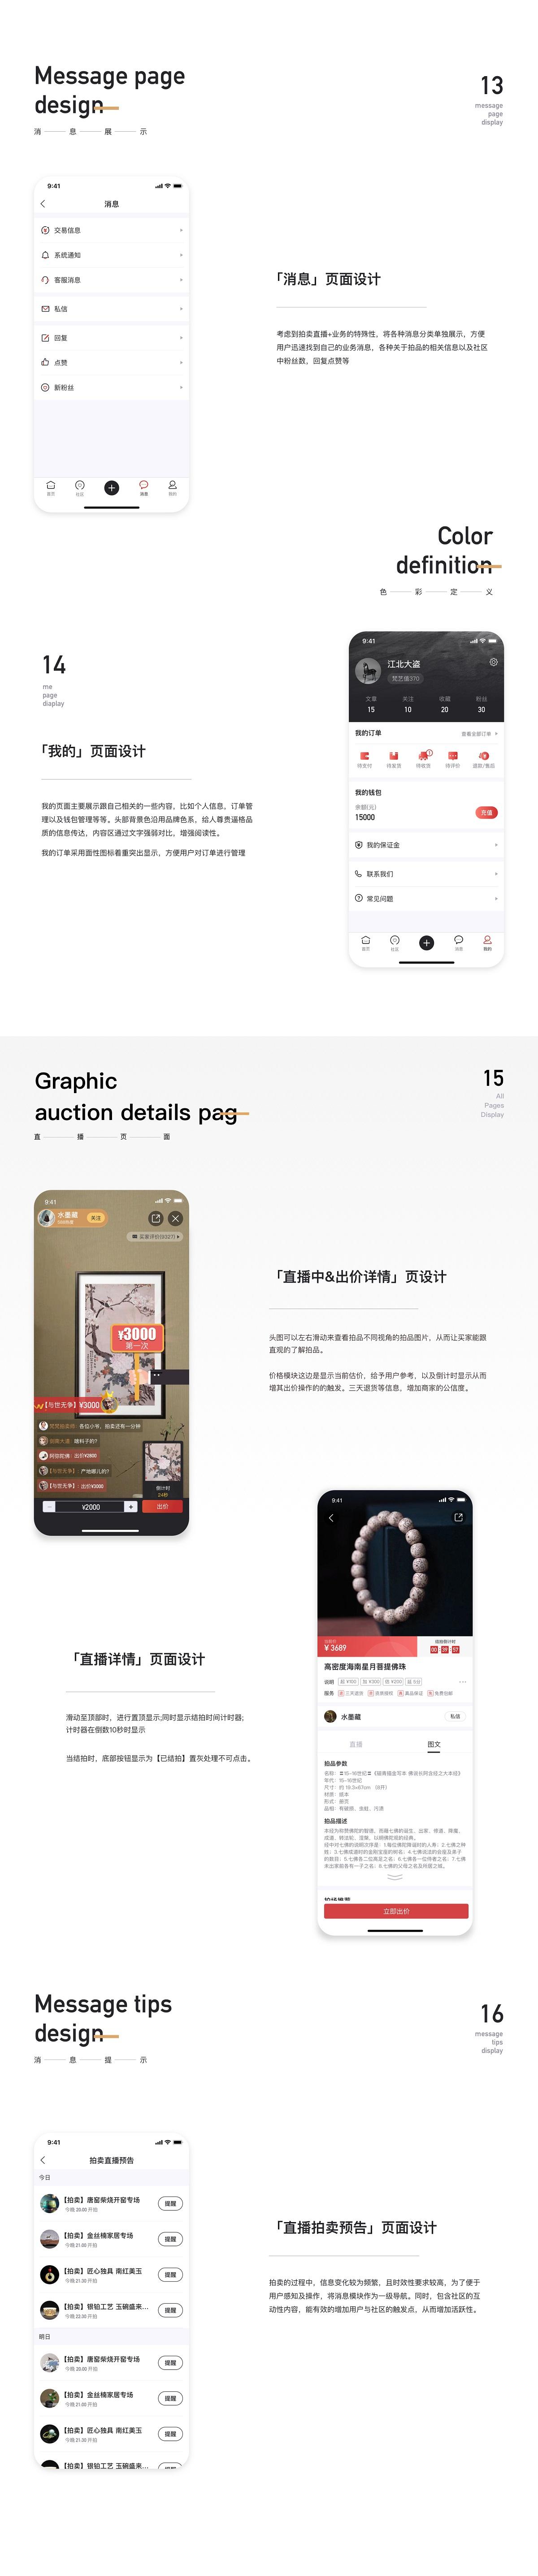 玉石直播拍卖app-芊雅企服